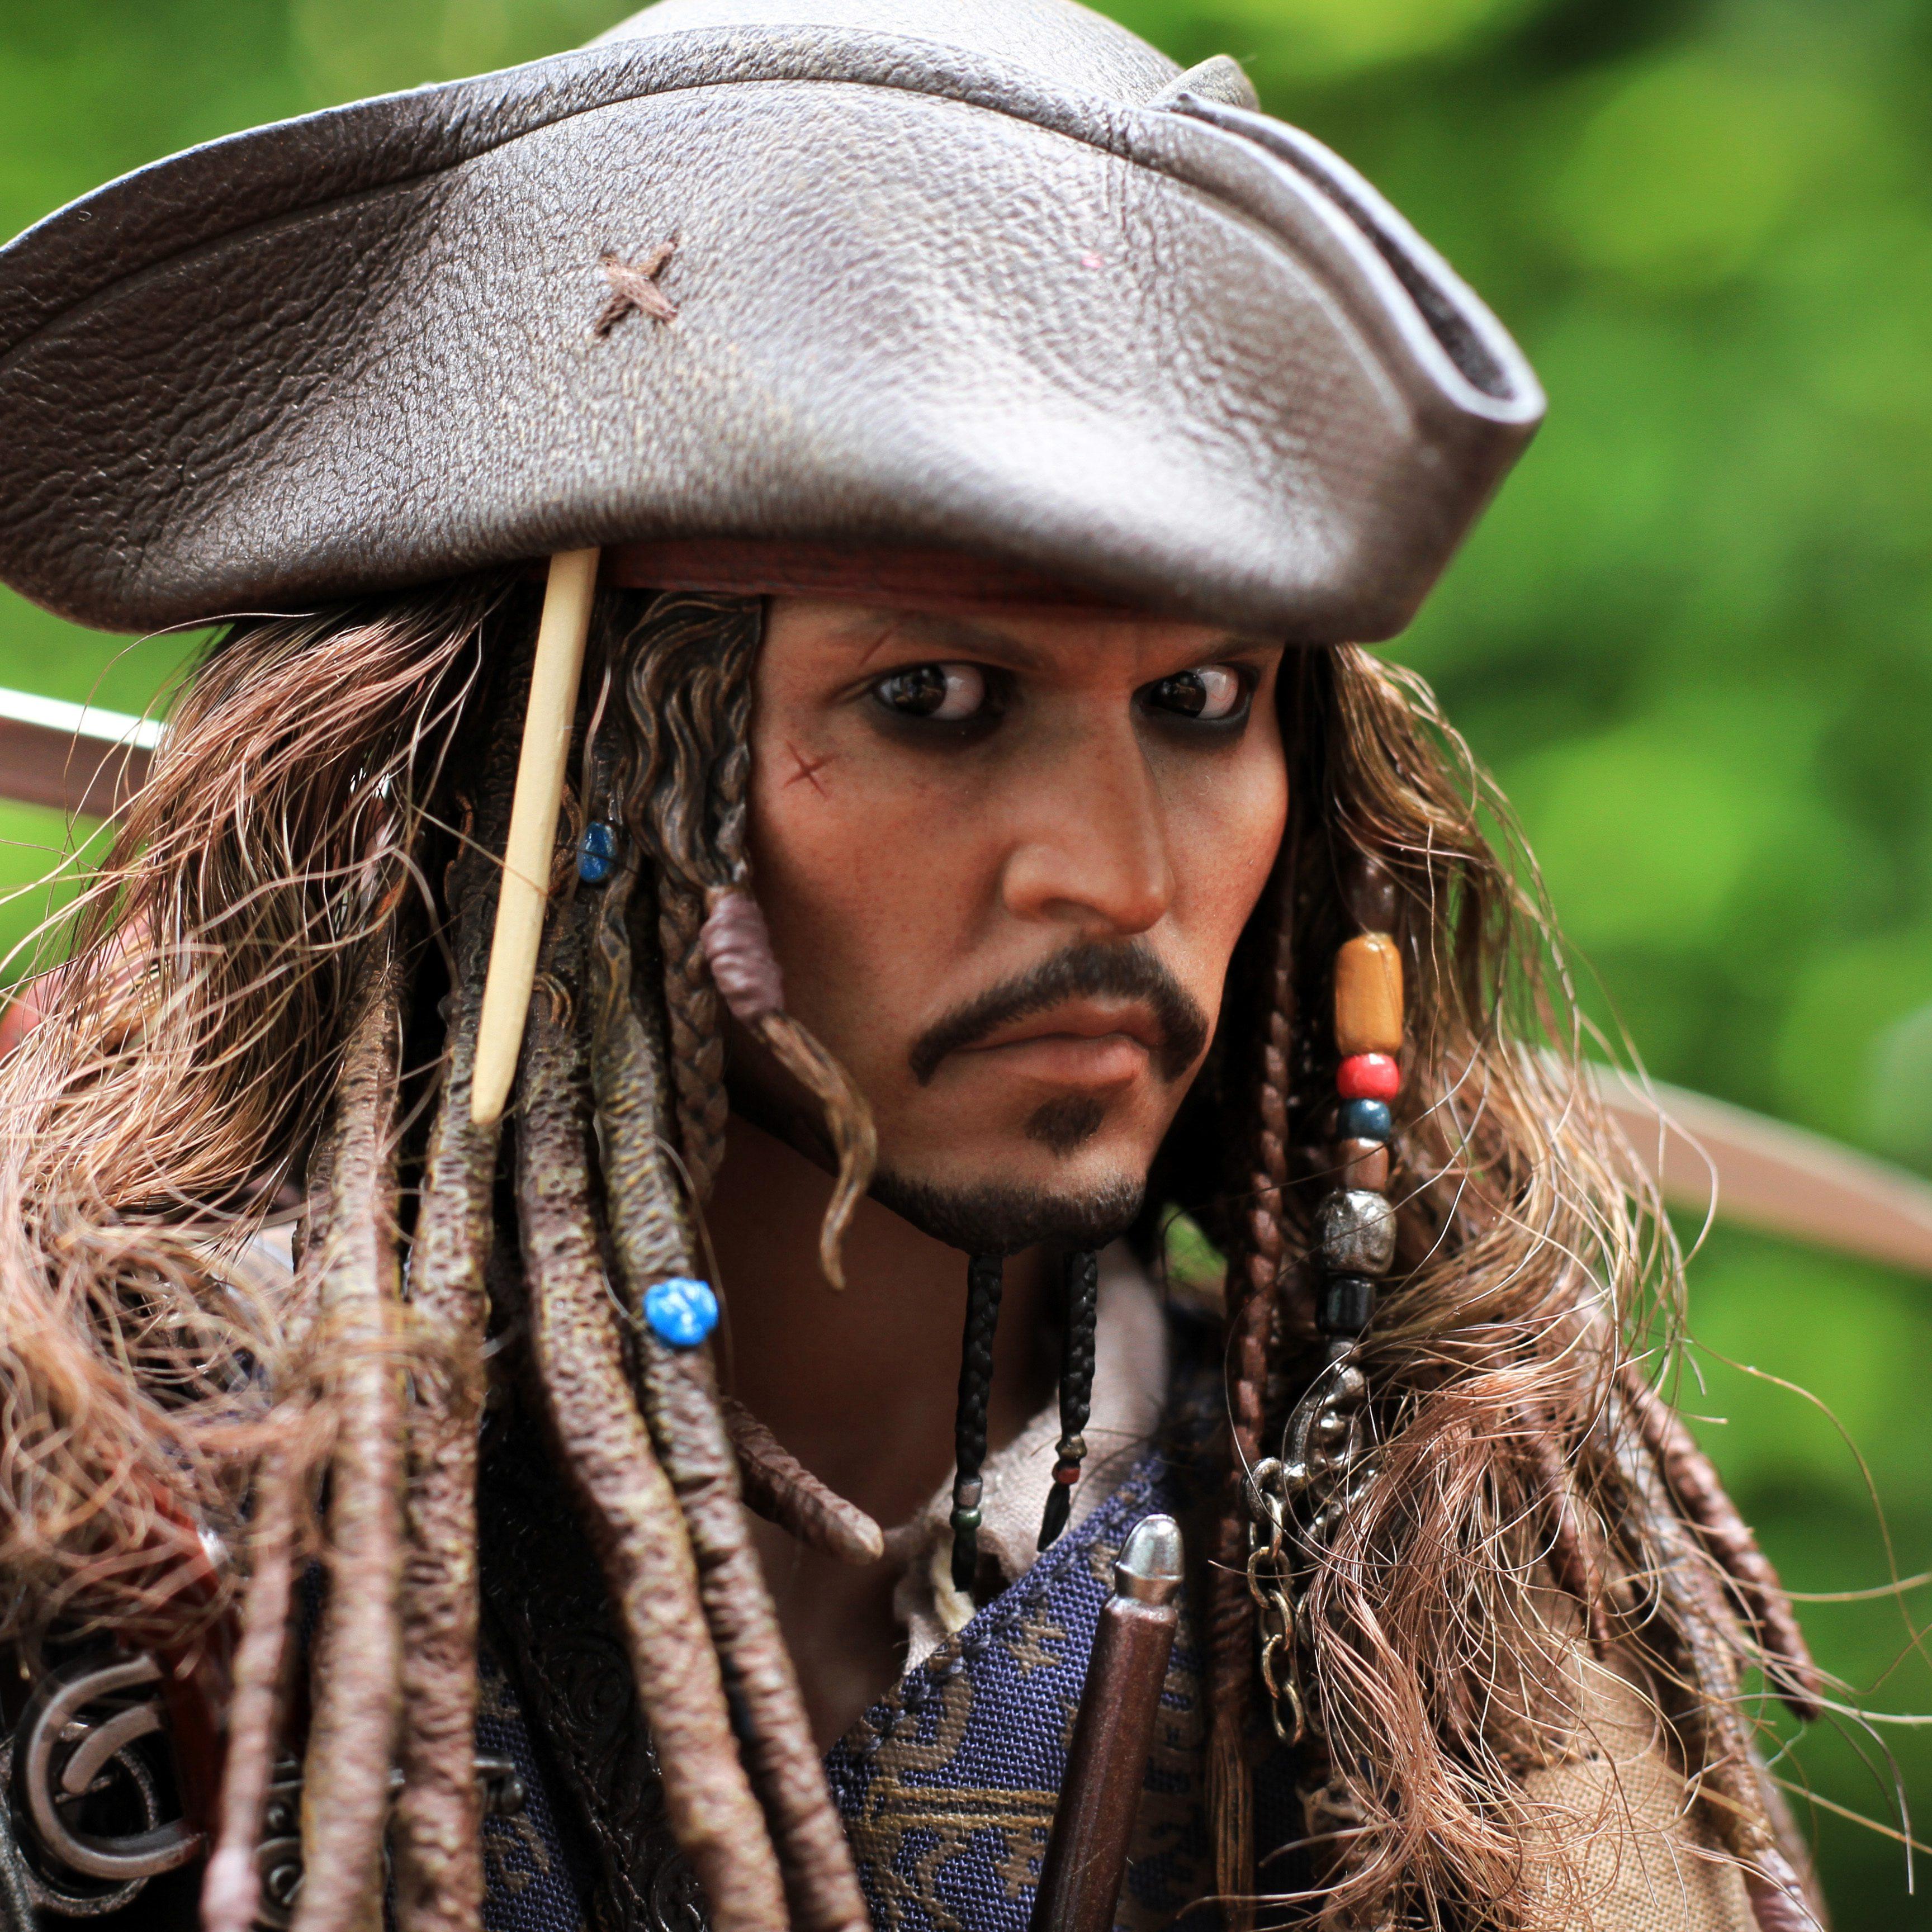 Braided Beard Jack Sparrow